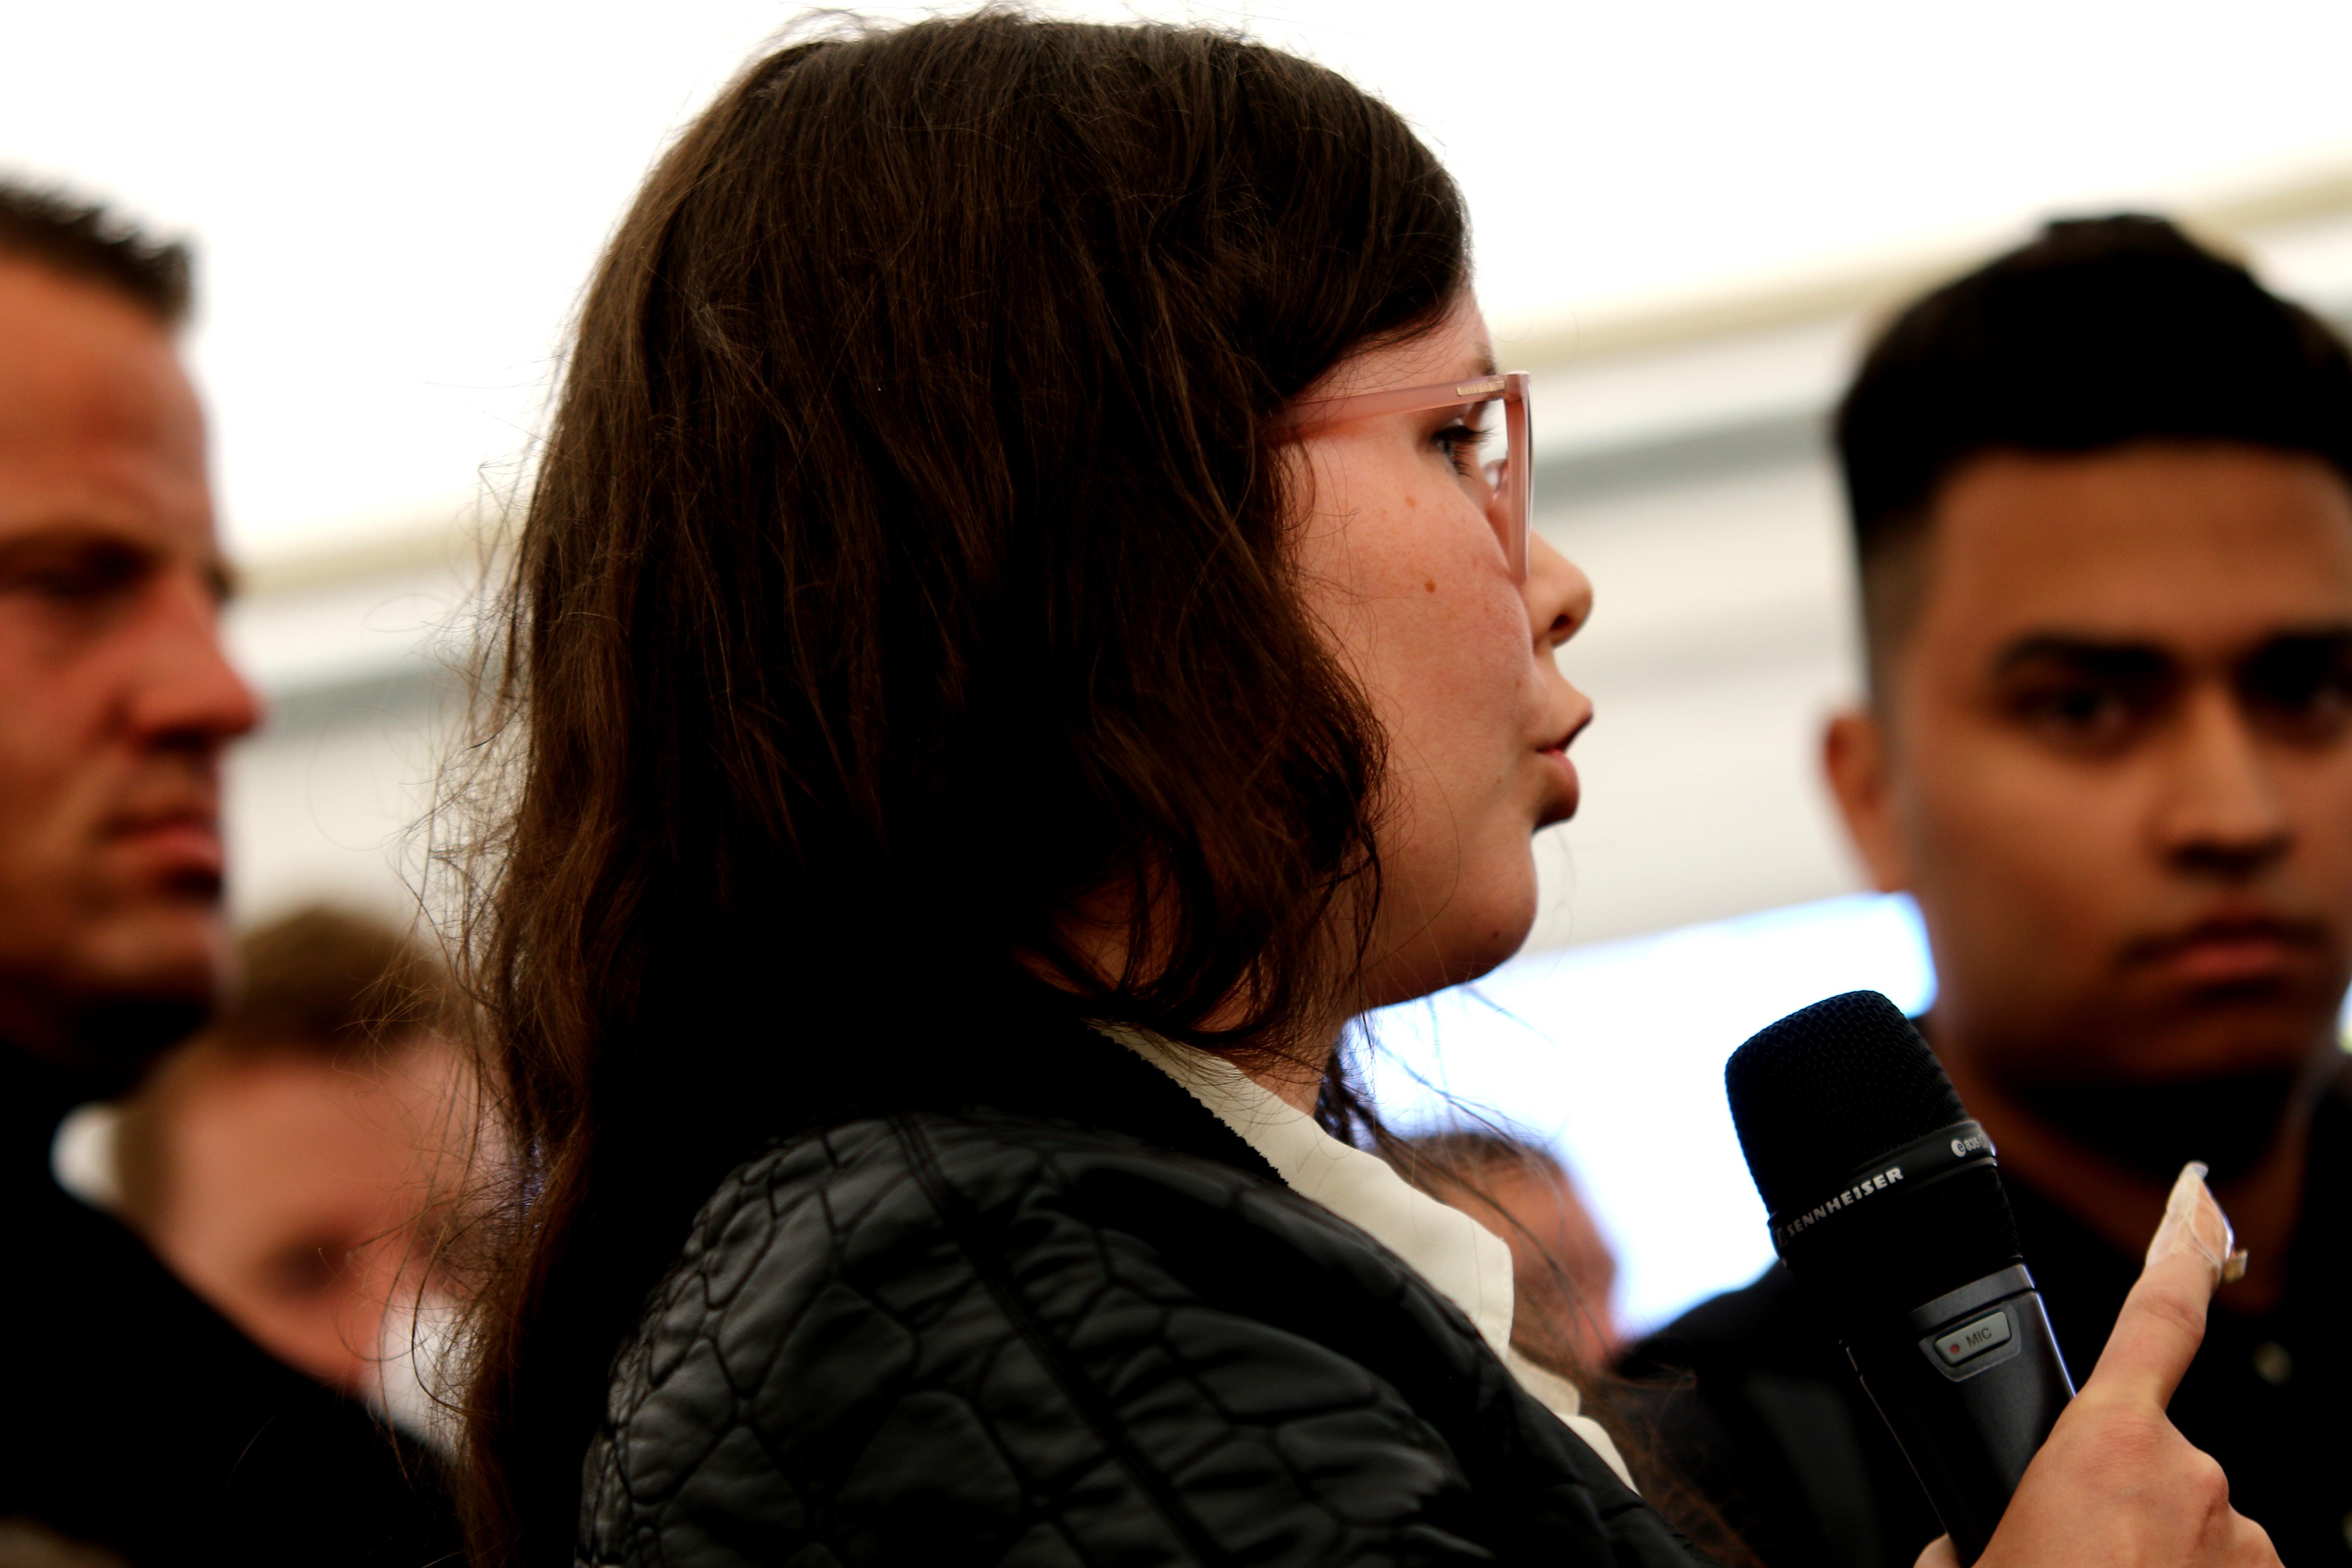 Ninna Martina Moeskær ses her under Danskernes Partis åbne debatmøde på Folkemødet i 2016. Foto: Redox.